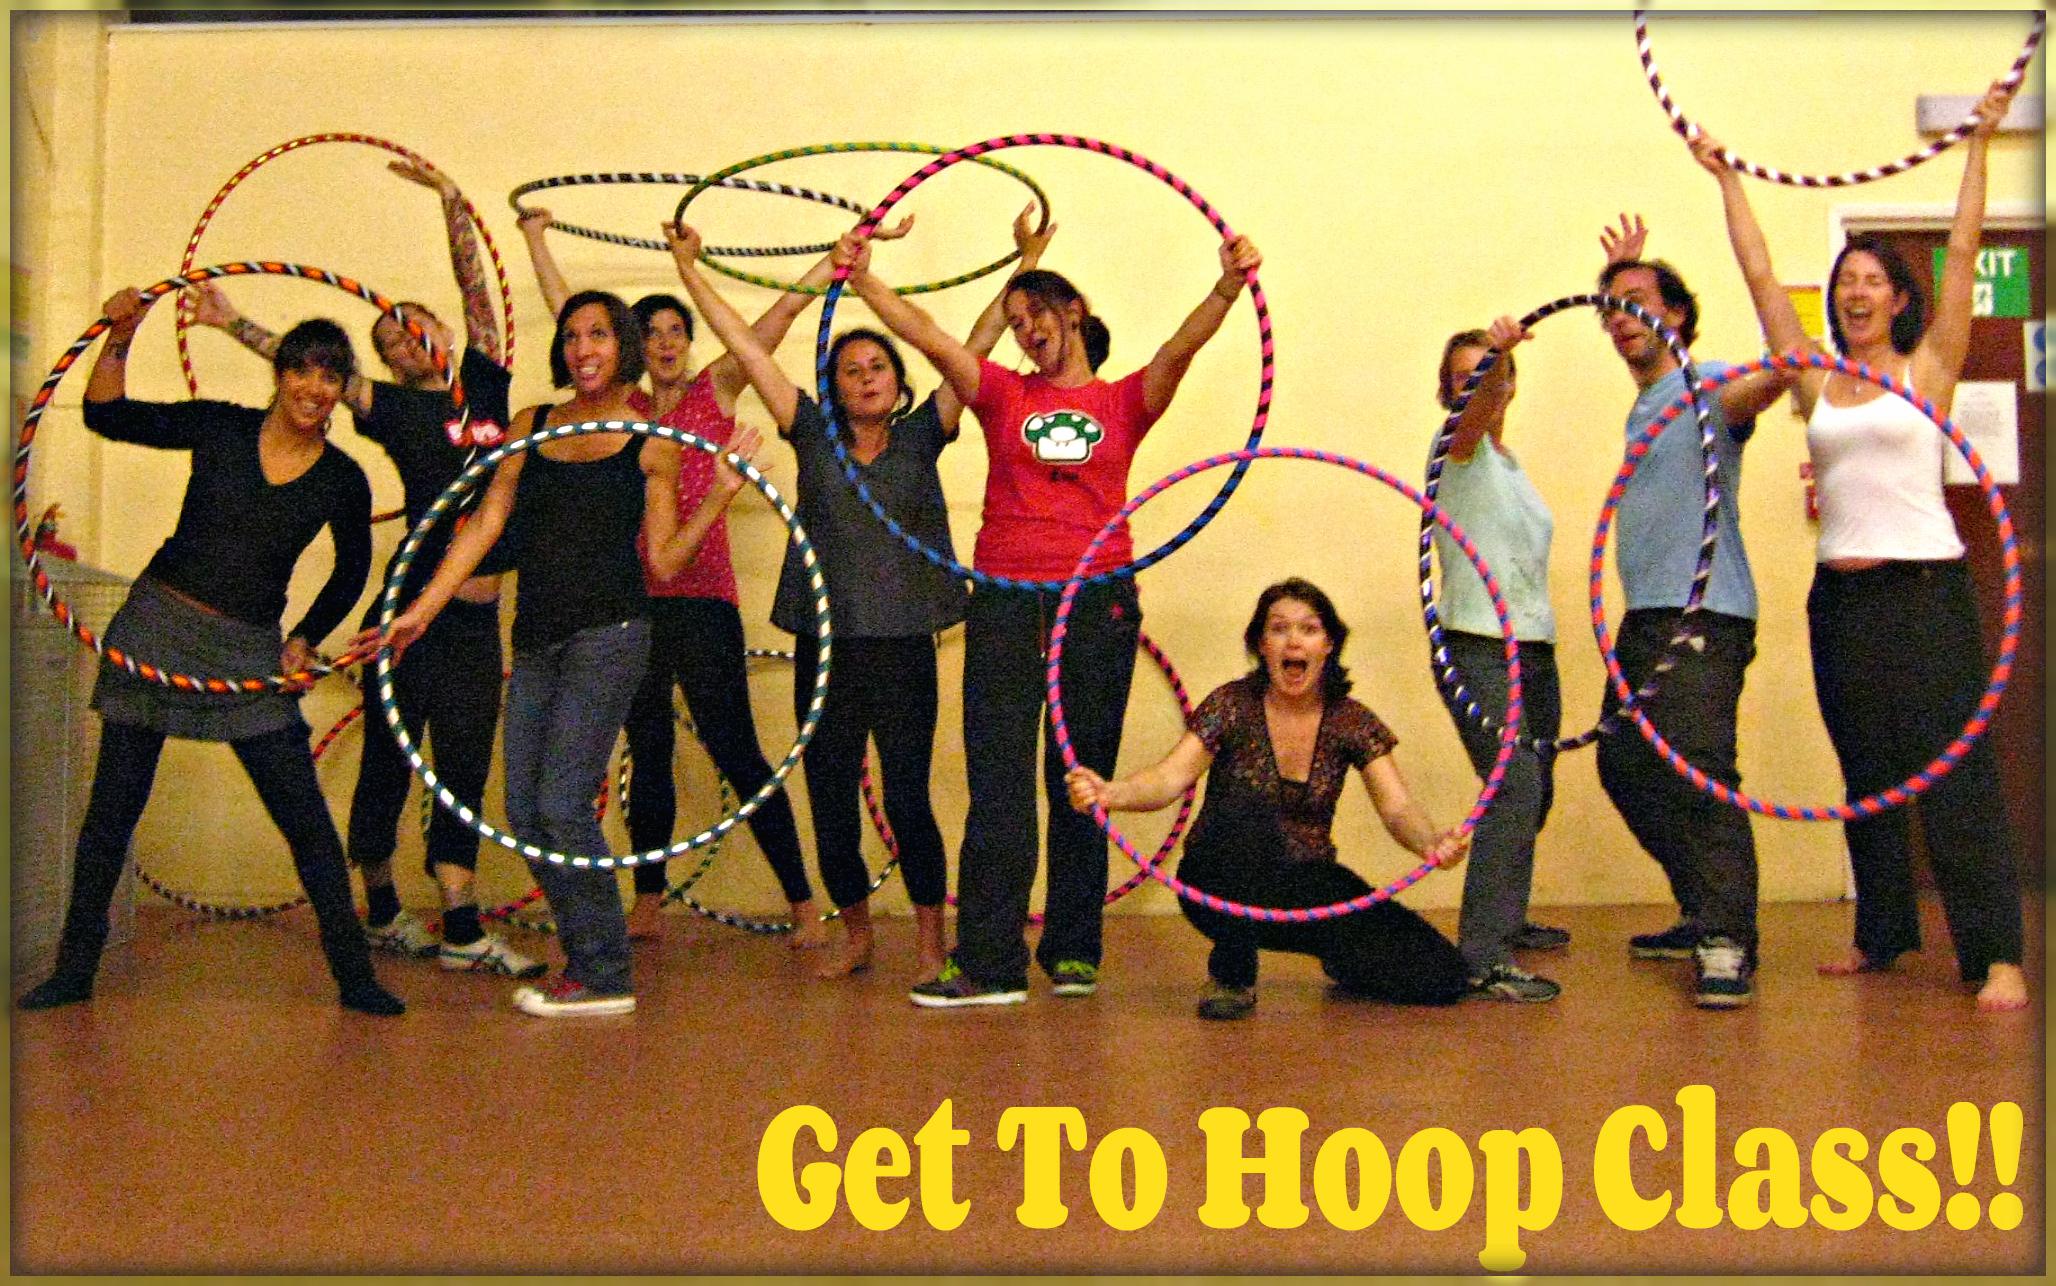 Get to hoop class.jpg